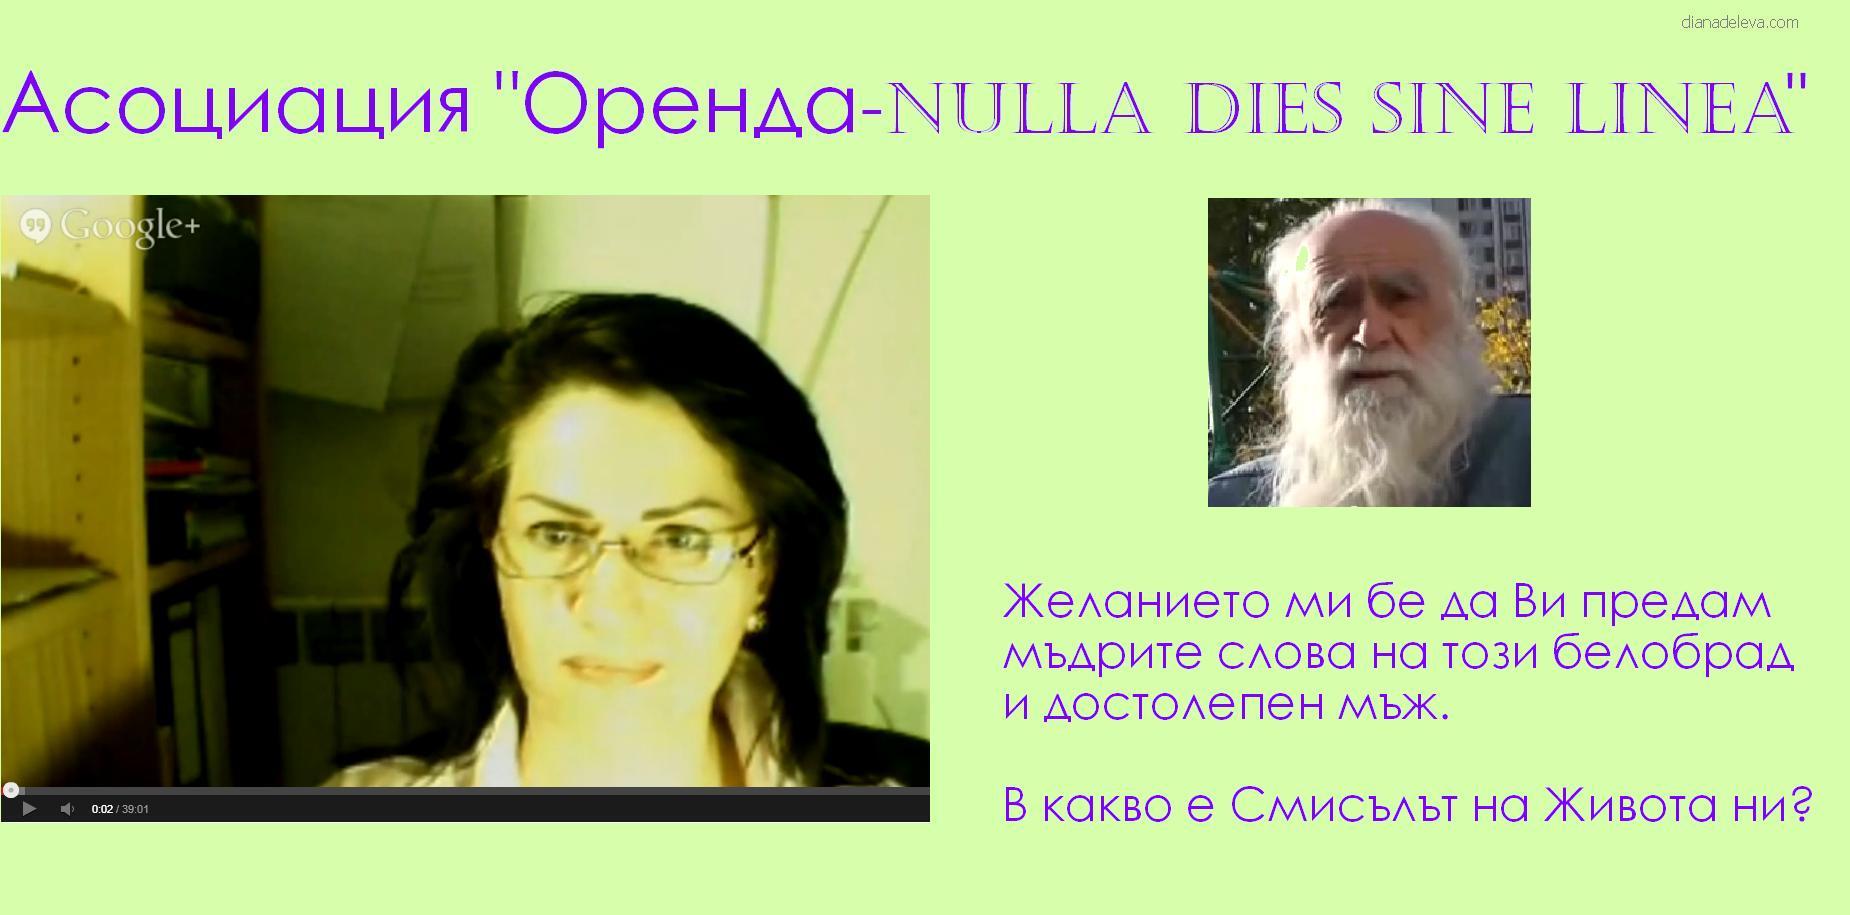 Оренда Nulla Dies Sine Linea